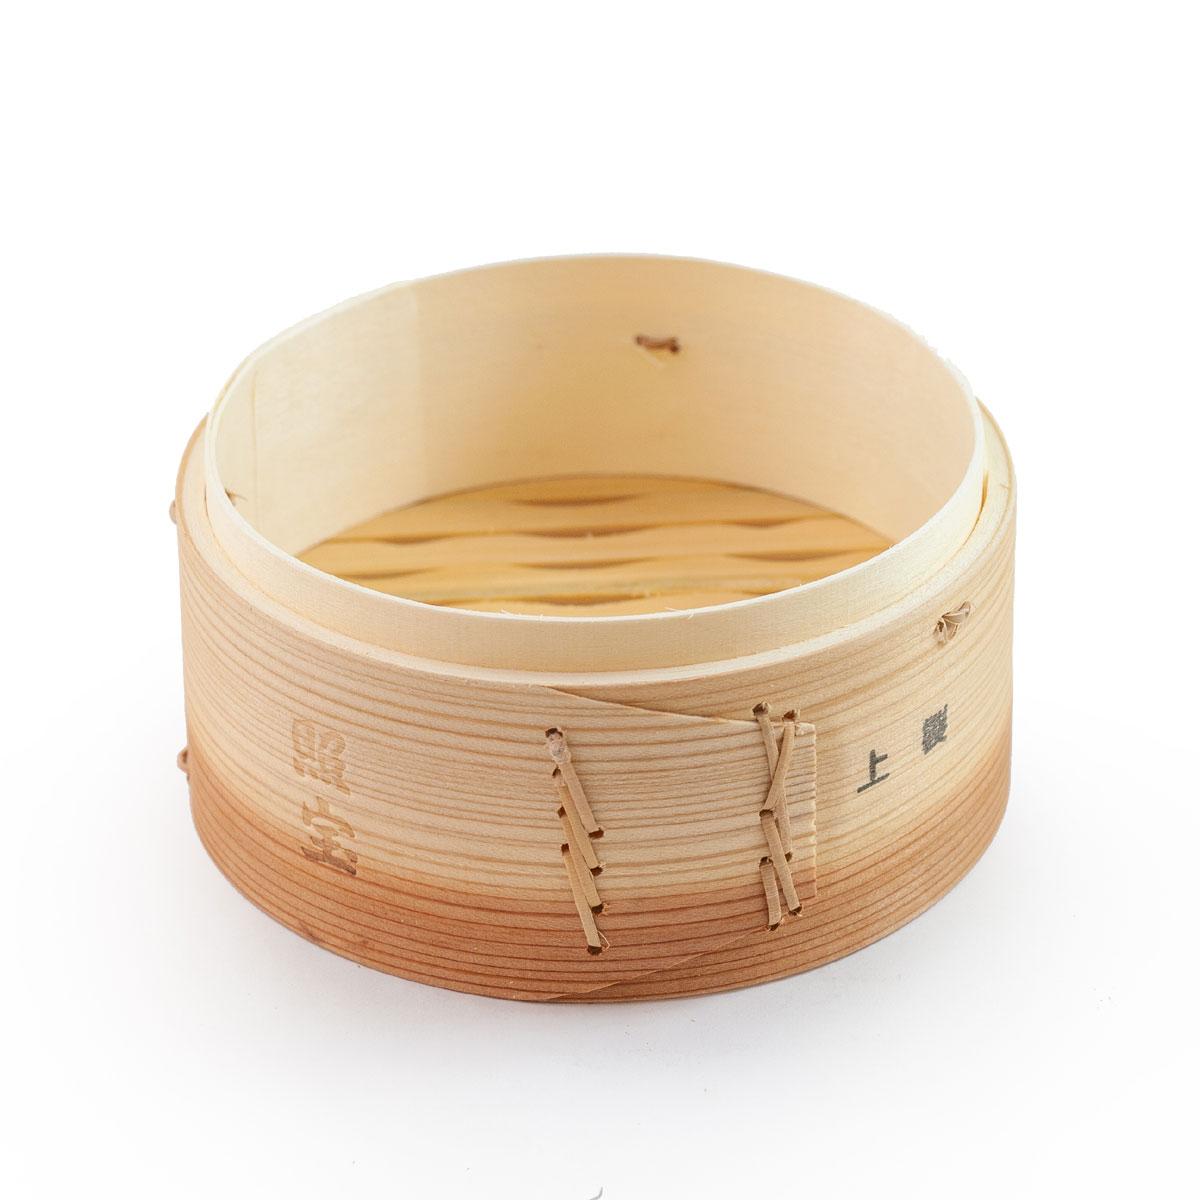 照宝 上製 中華せいろ 身 杉製 φ15cm【RCP】【店頭受取対応商品】